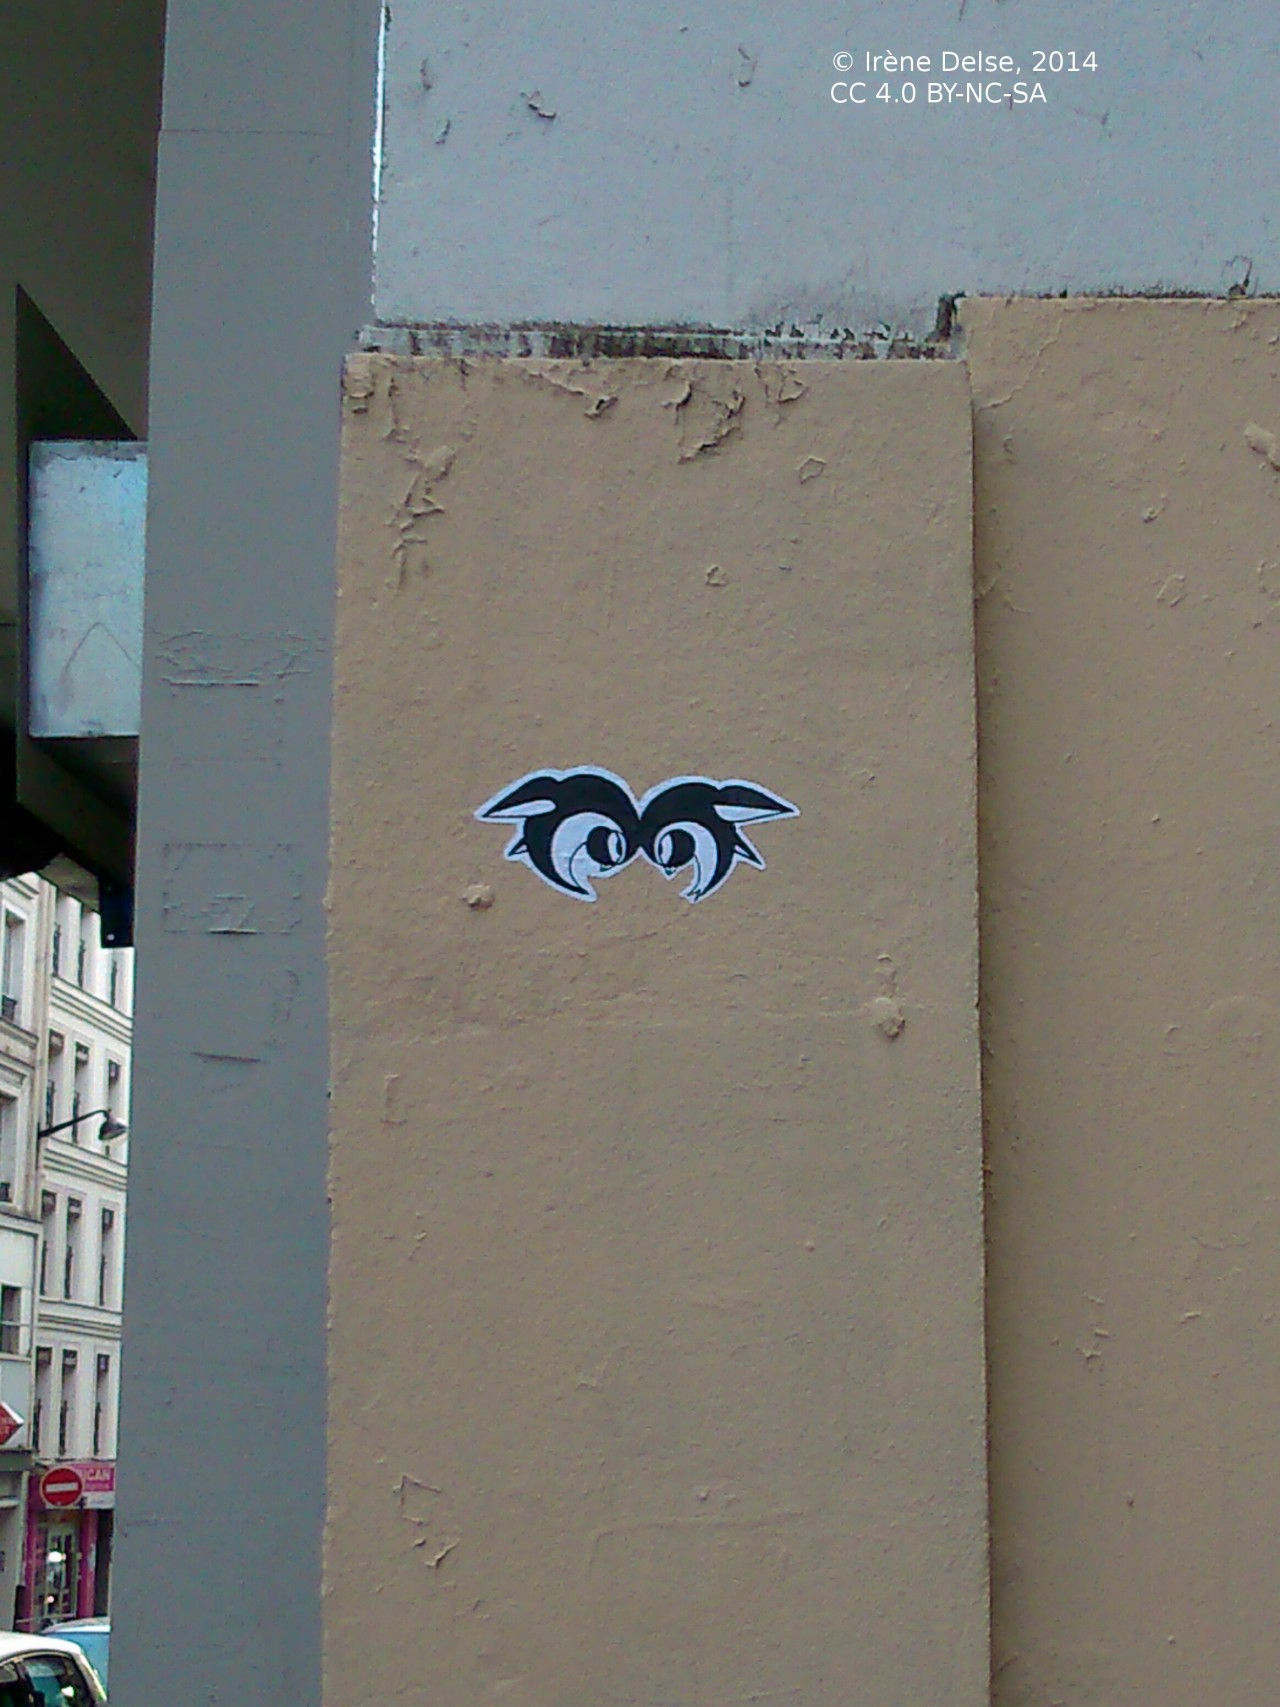 Deux oiseaux (collage), dans une rue de Paris.